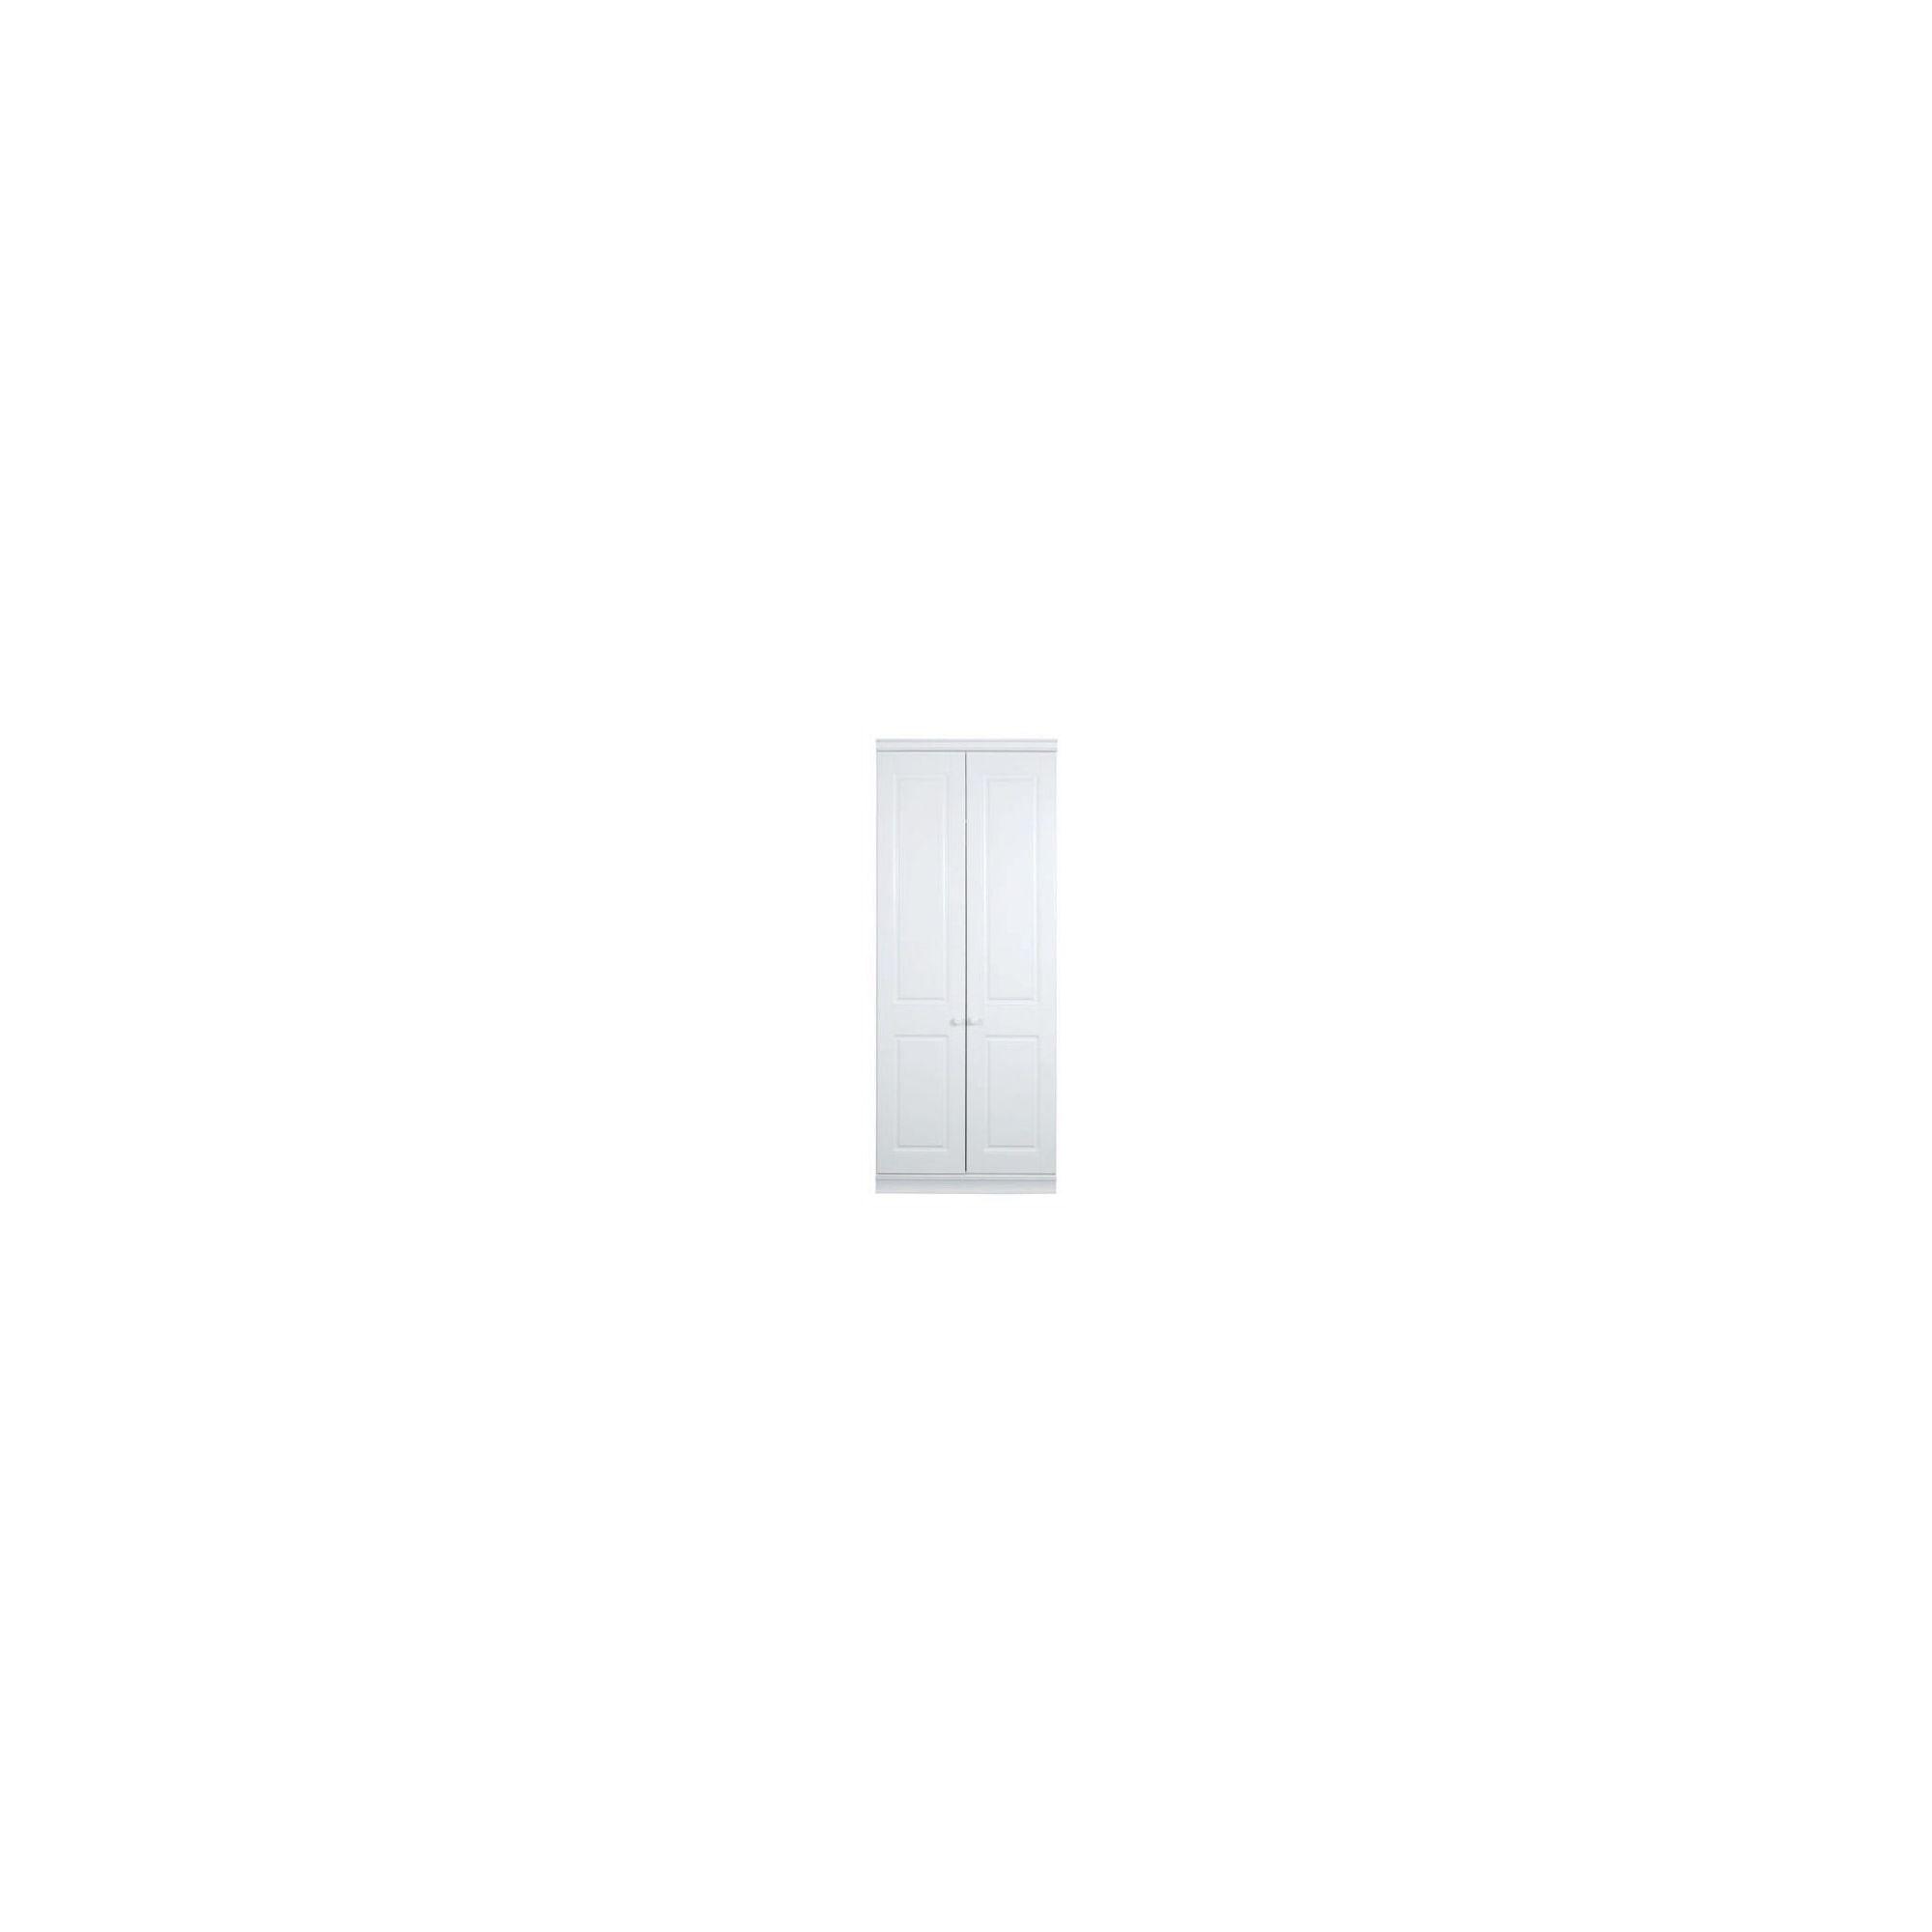 Caxton Henley 2 Door Wardrobe in White at Tesco Direct